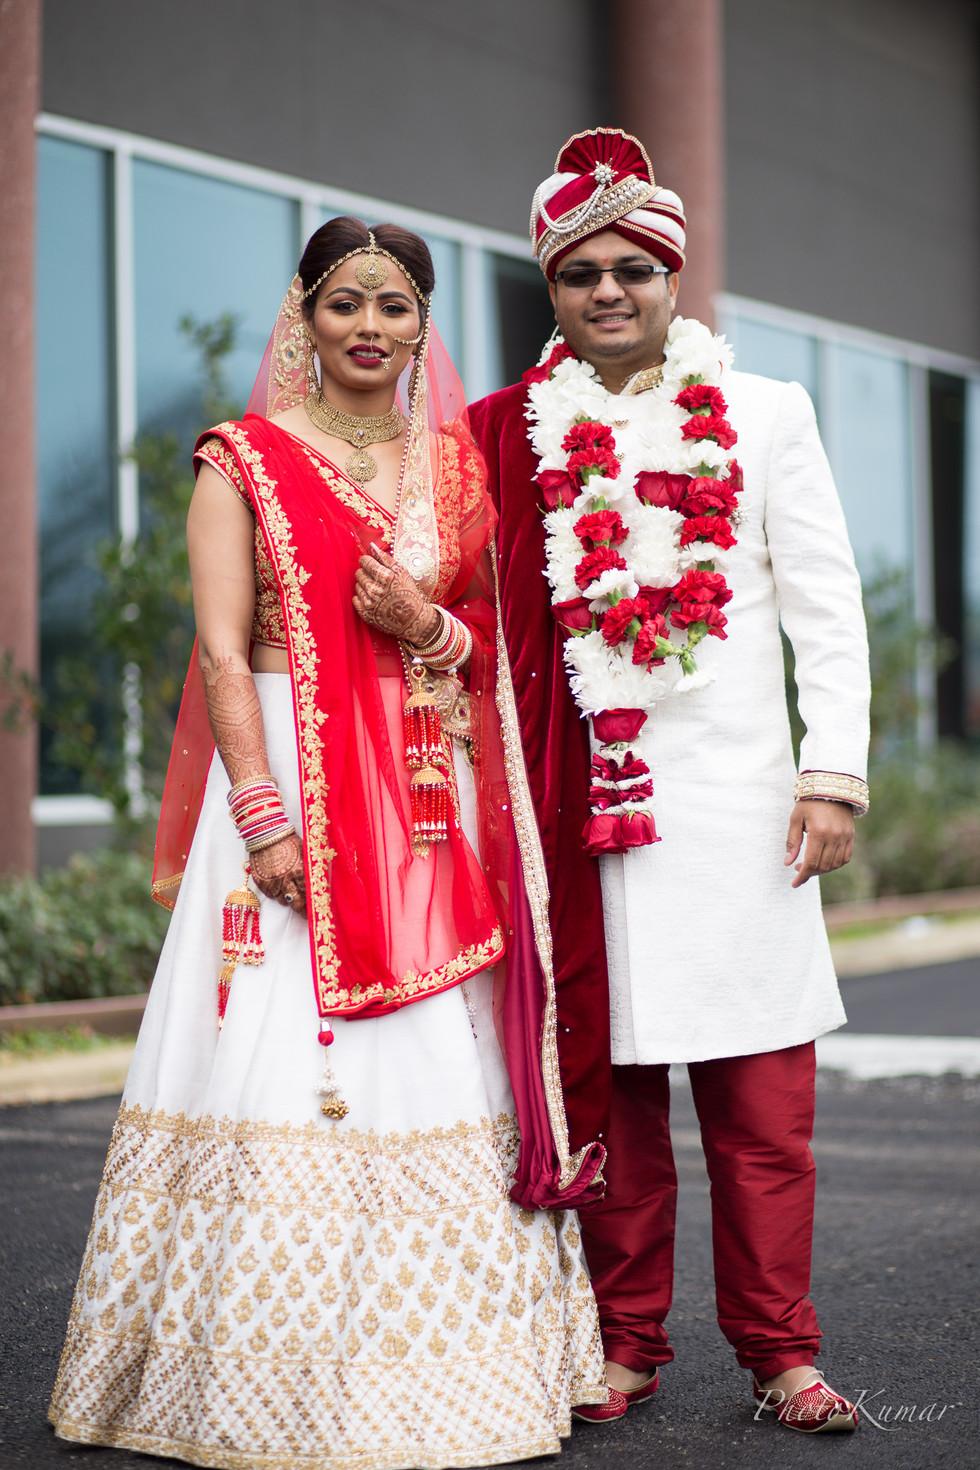 PhotoKumar-Nilam-wedding-dallas-texas-2018-15.jpg